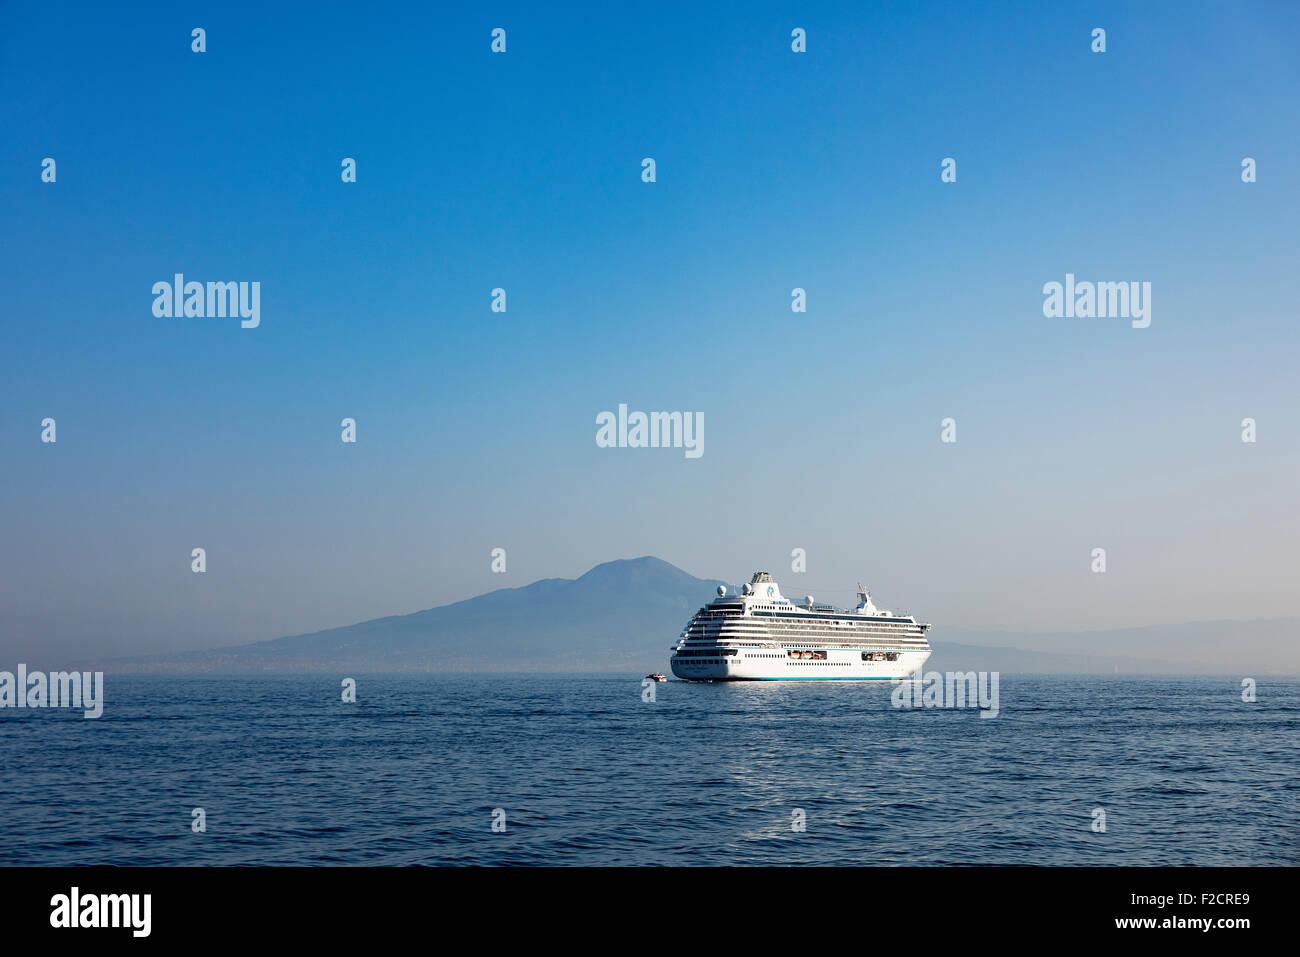 Kreuzfahrtschiff auf den Golf von Neapel mit dem Vesuv im Hintergrund verankert, Neapel, Italien Stockbild